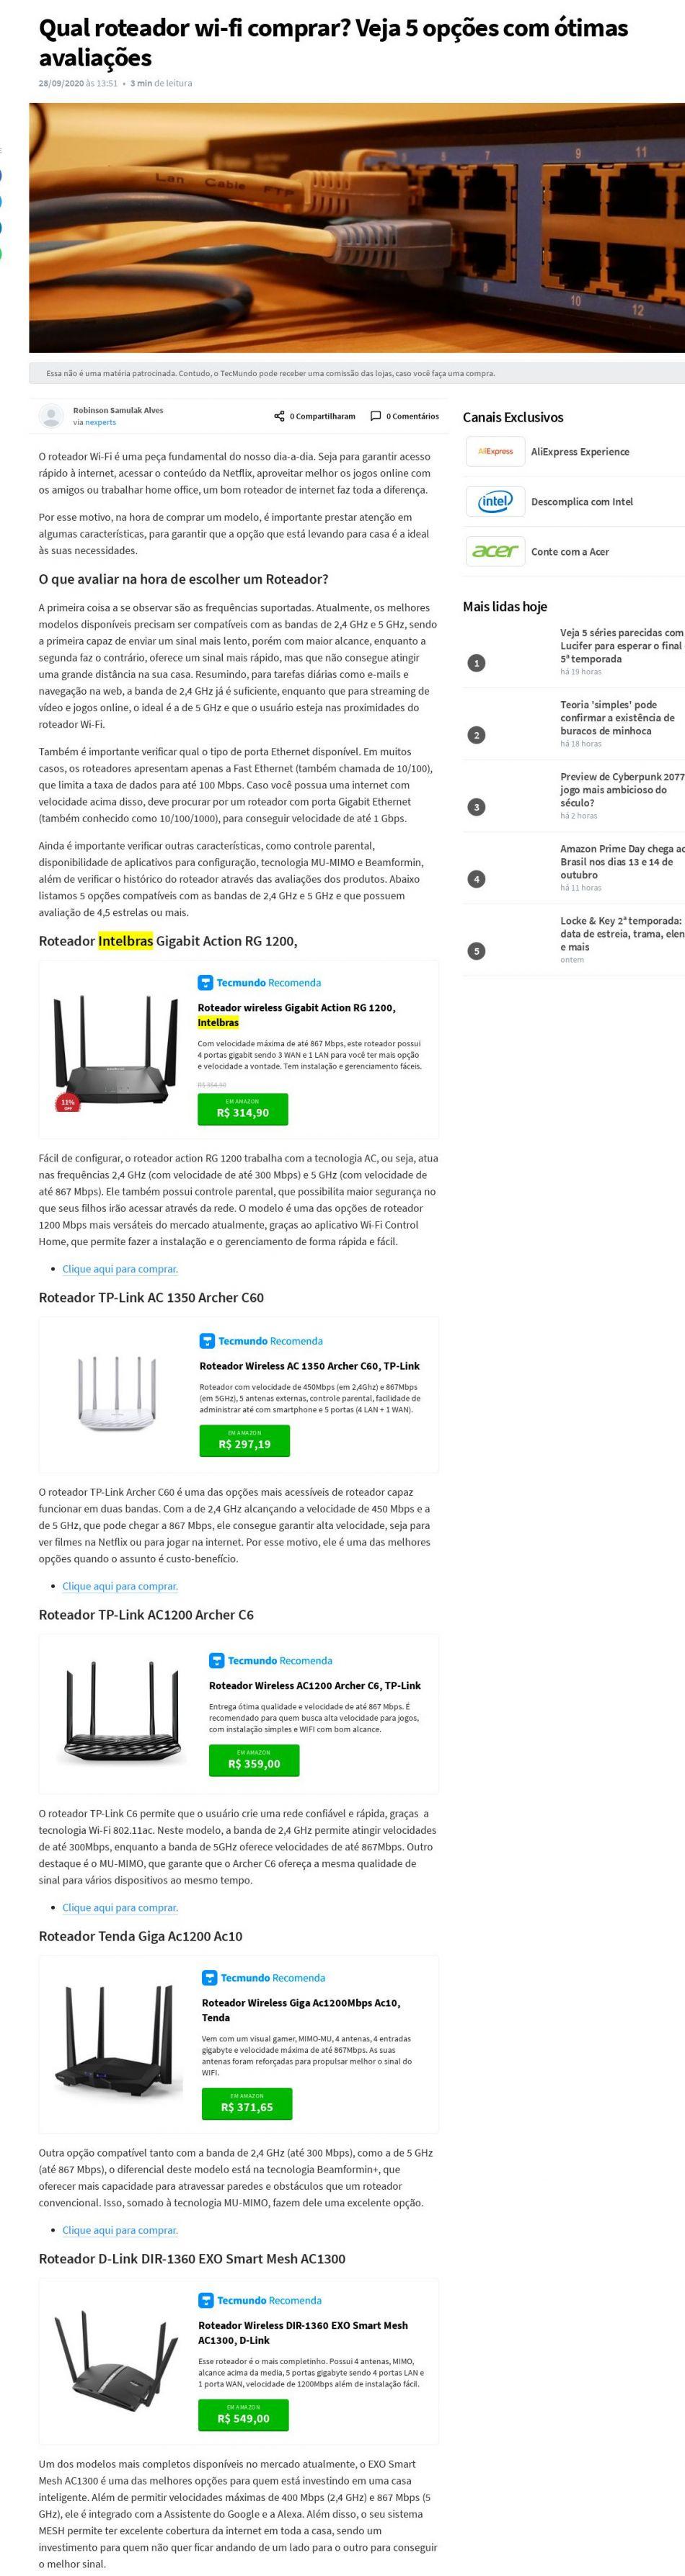 Qual roteador wi-fi comprar? Veja 5 opções com ótimas avaliações Tec Mundo